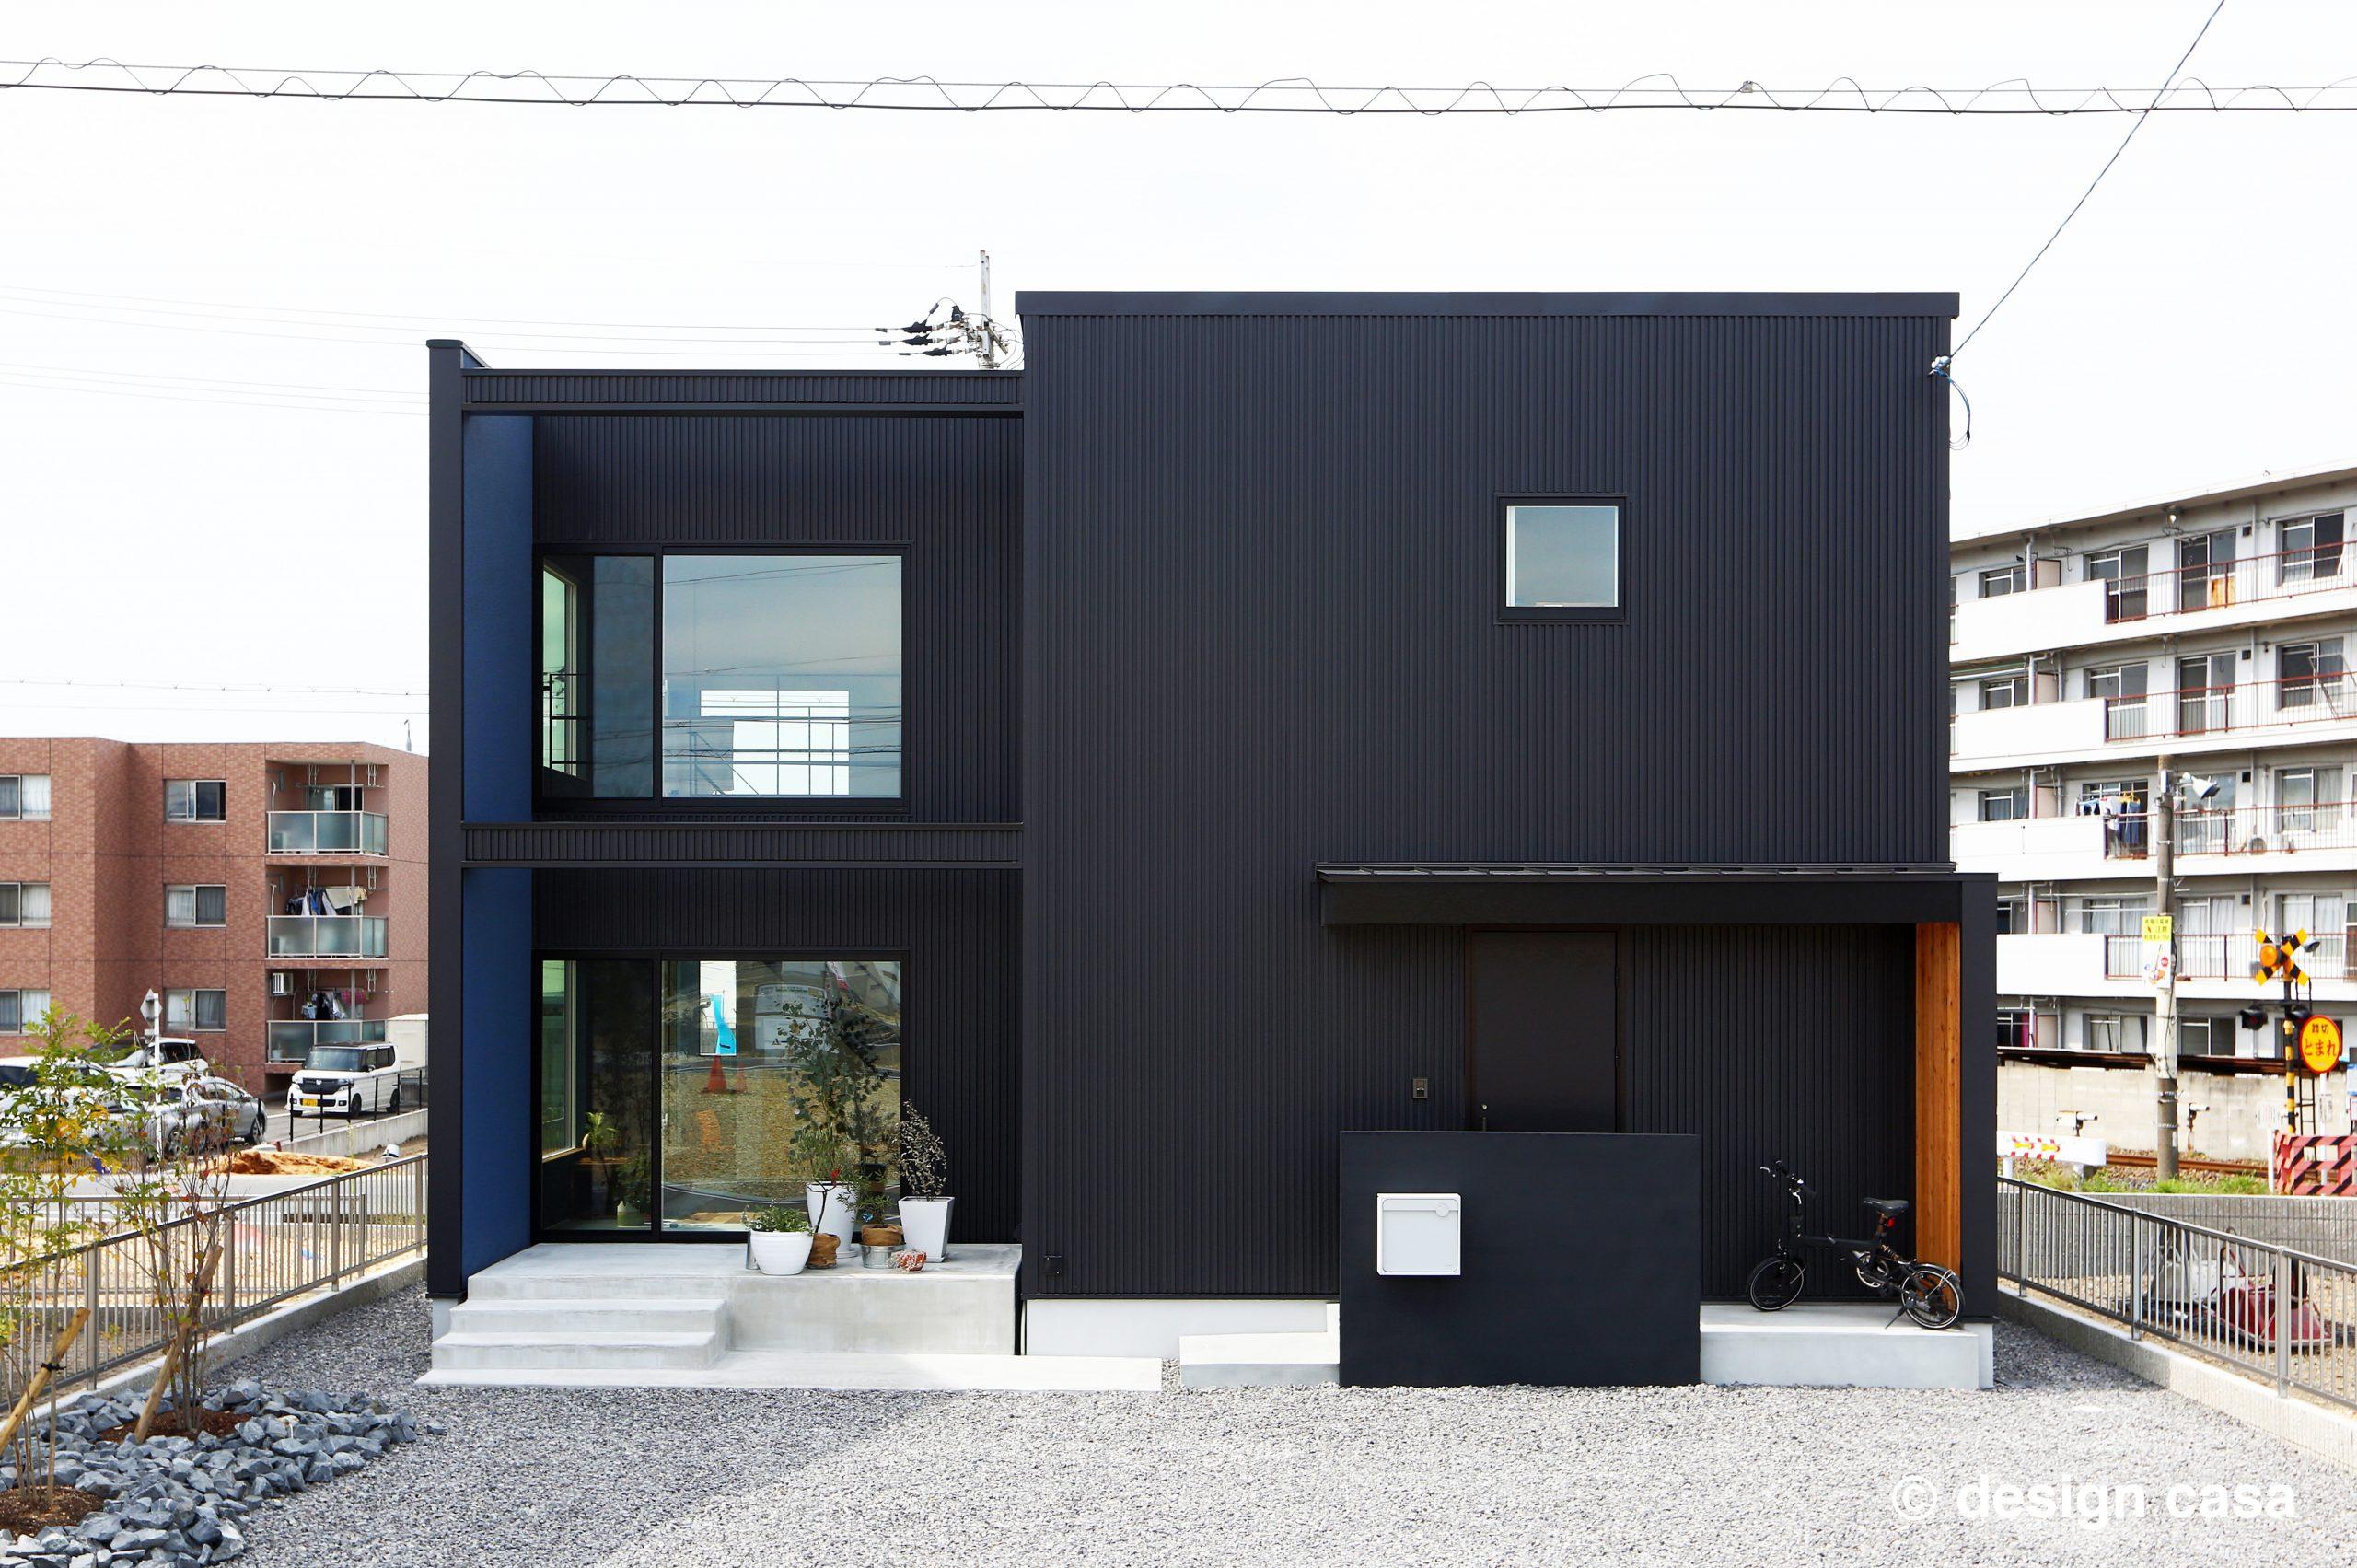 愛知の固定資産税の対象となる注文住宅の新築一戸建ての外観・エクステリアの建築実例の画像